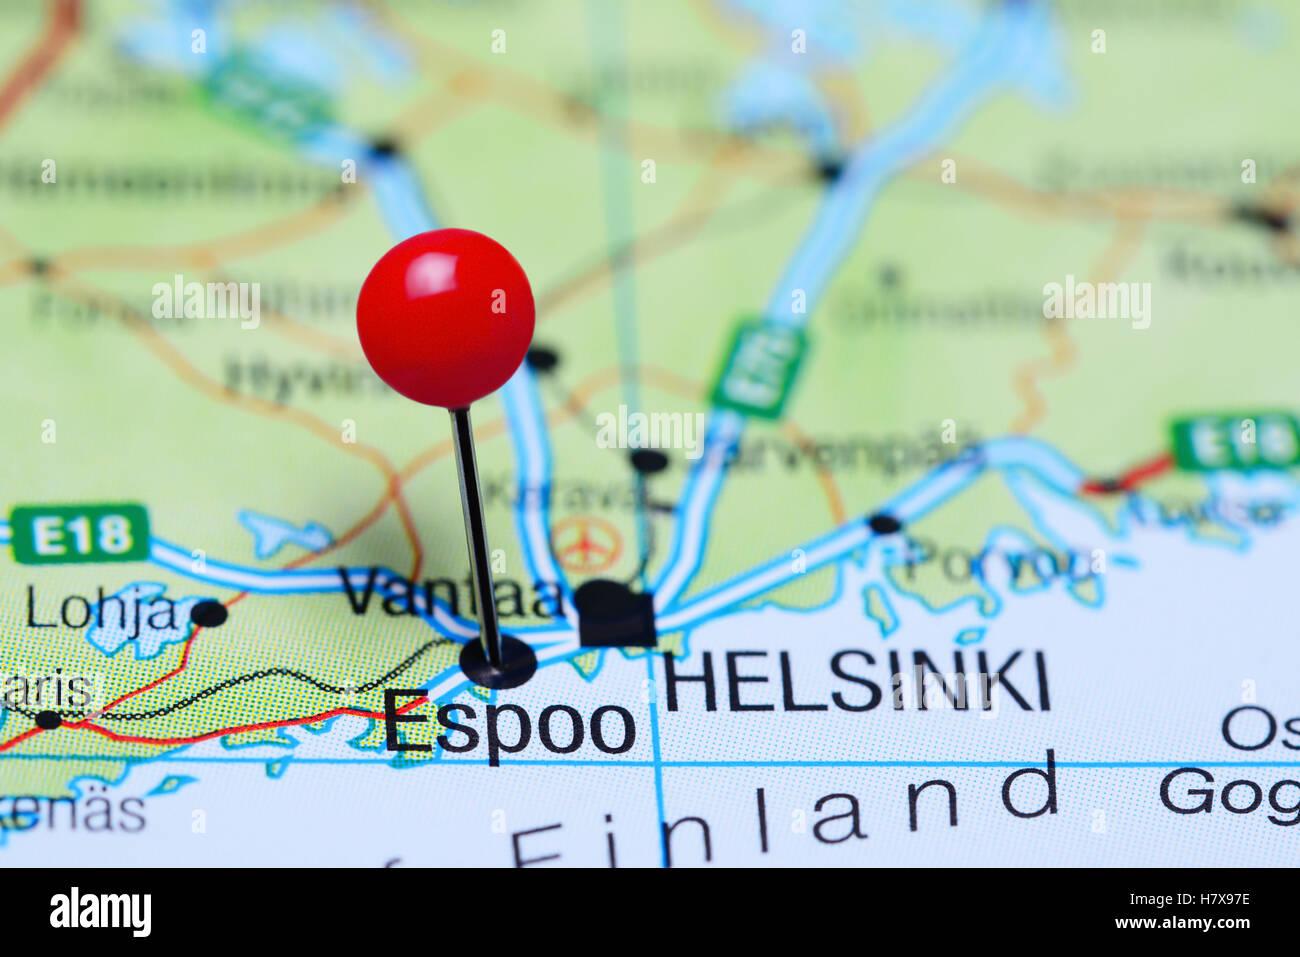 Espoo Map Stock Photos Espoo Map Stock Images Alamy